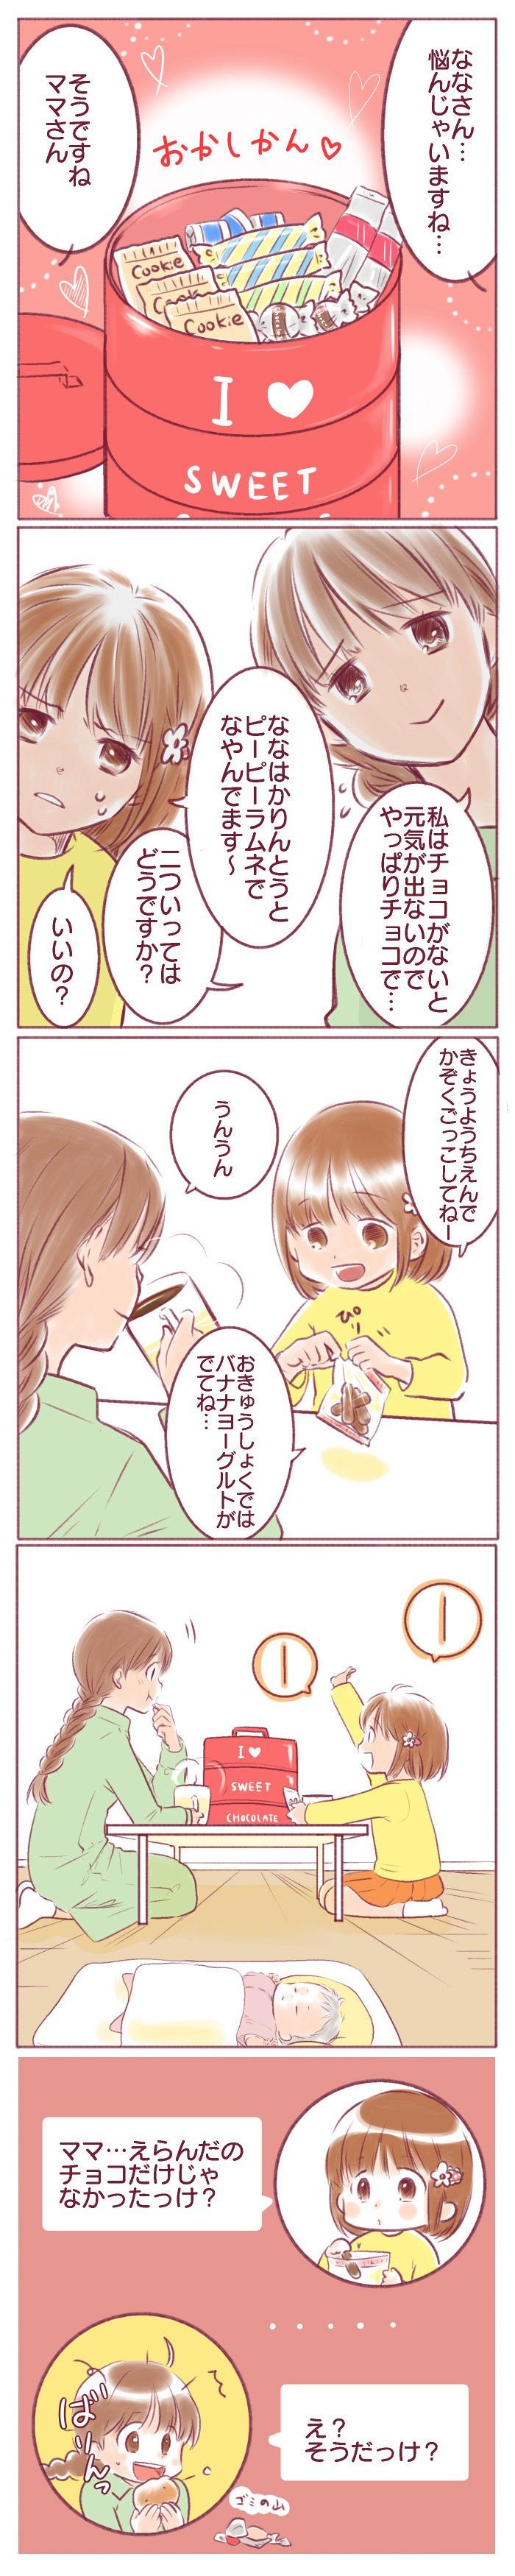 """""""おねえちゃん""""になっても外せない!ママと2人だけ、至福のティータイム♡の画像1"""